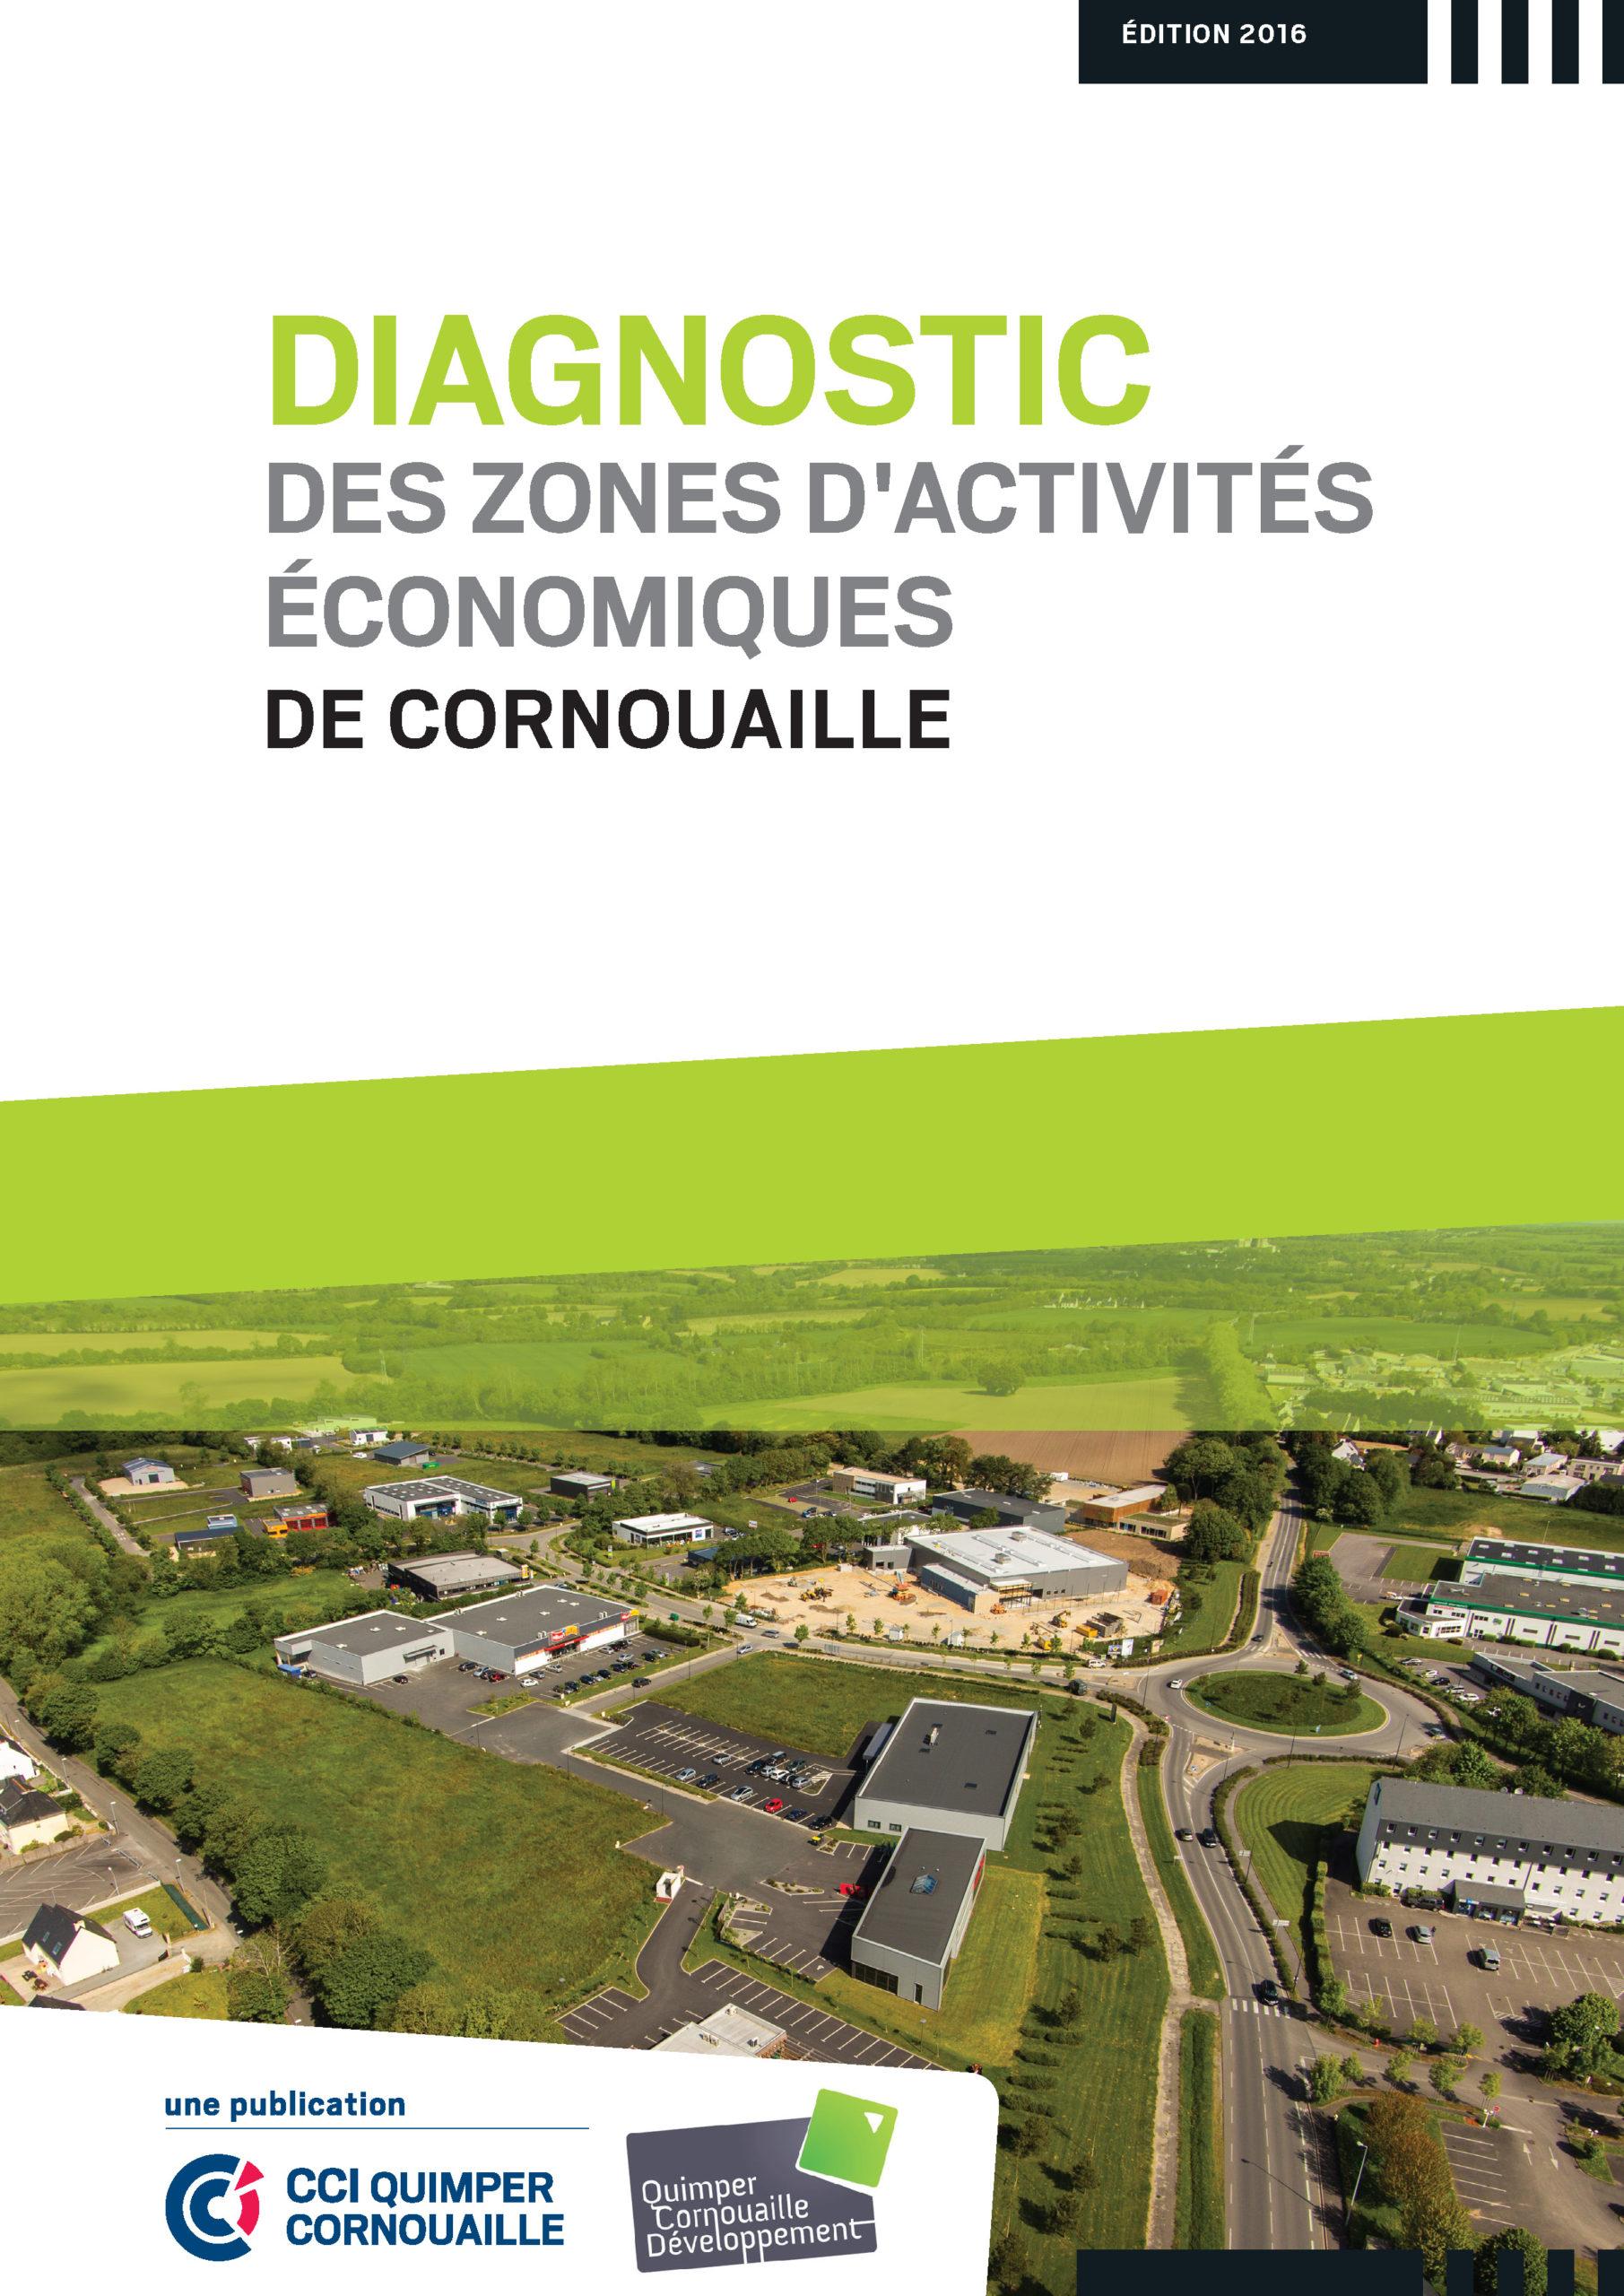 Diagnostic des Zones d'Activités Economiques de Cornouaille - QUIMPER CORNOUAILLE DEVELOPPEMENT & CCI QUIMPER CORNOUAILLE (édition 2016)